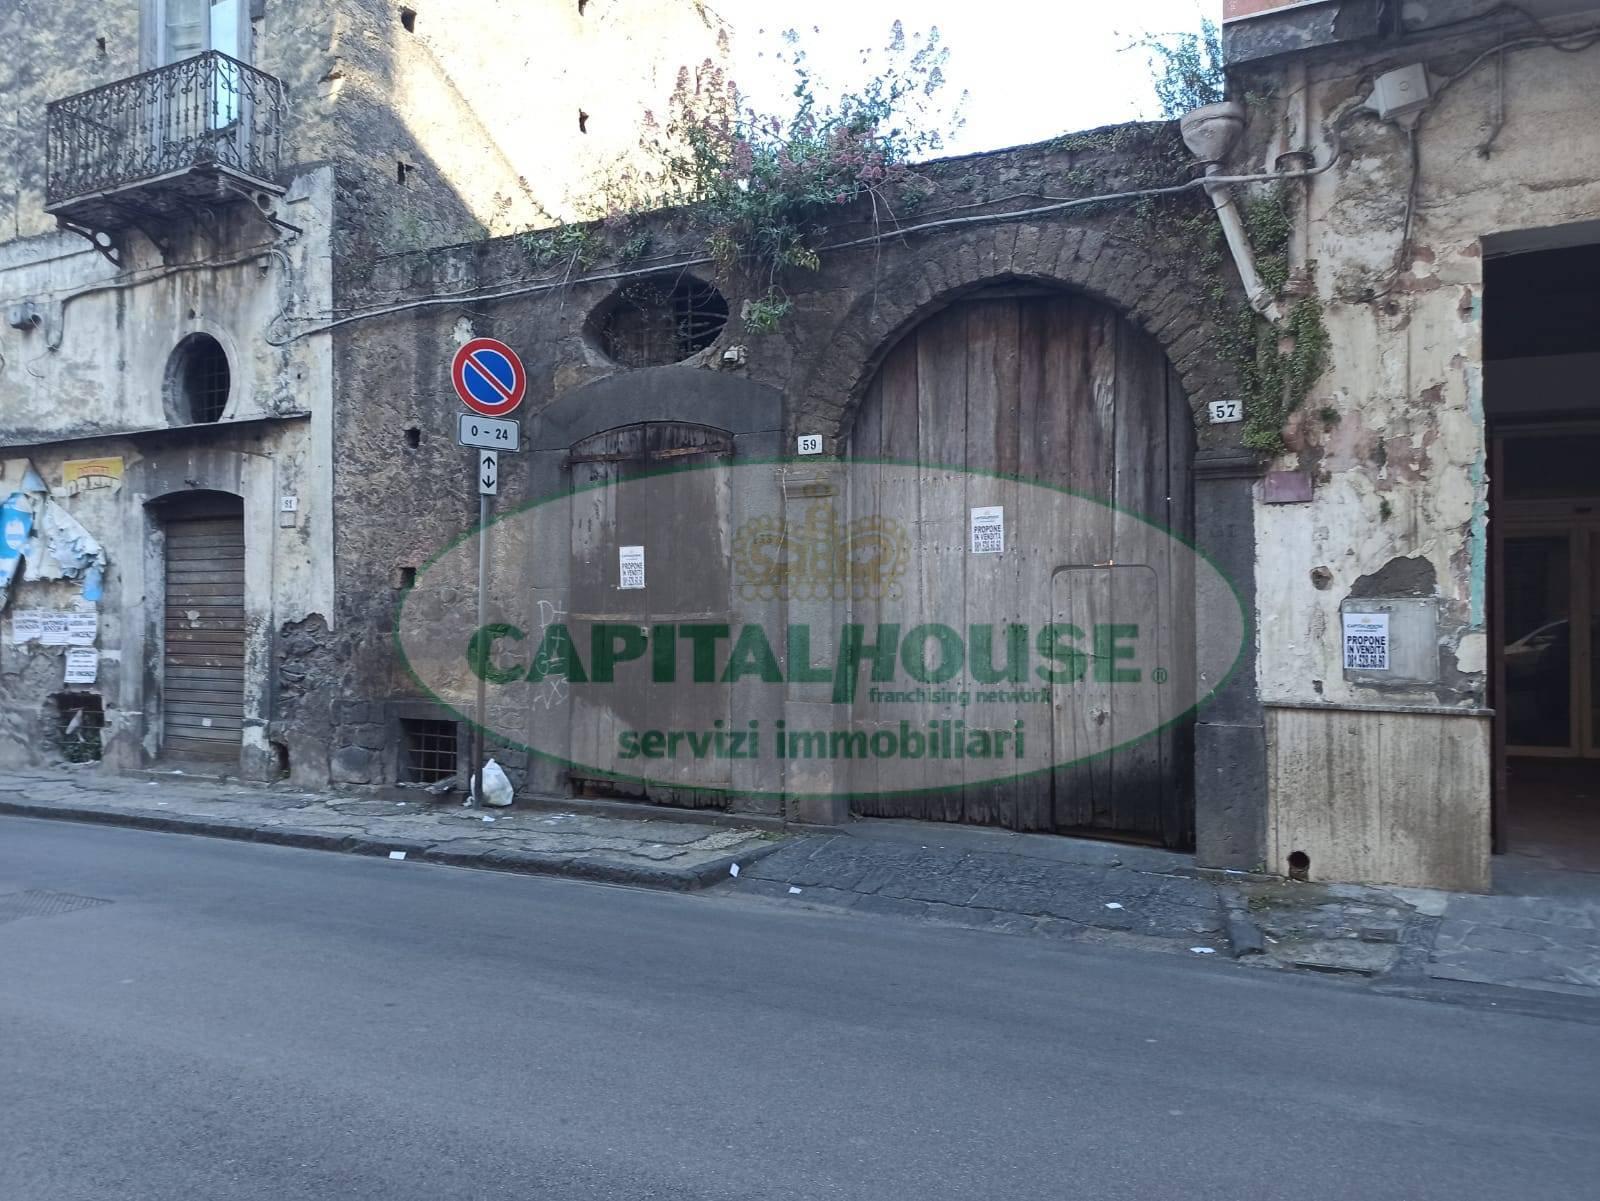 Rustico / Casale in vendita a Ottaviano, 4 locali, zona Località: SanGennarello, prezzo € 199.000 | CambioCasa.it